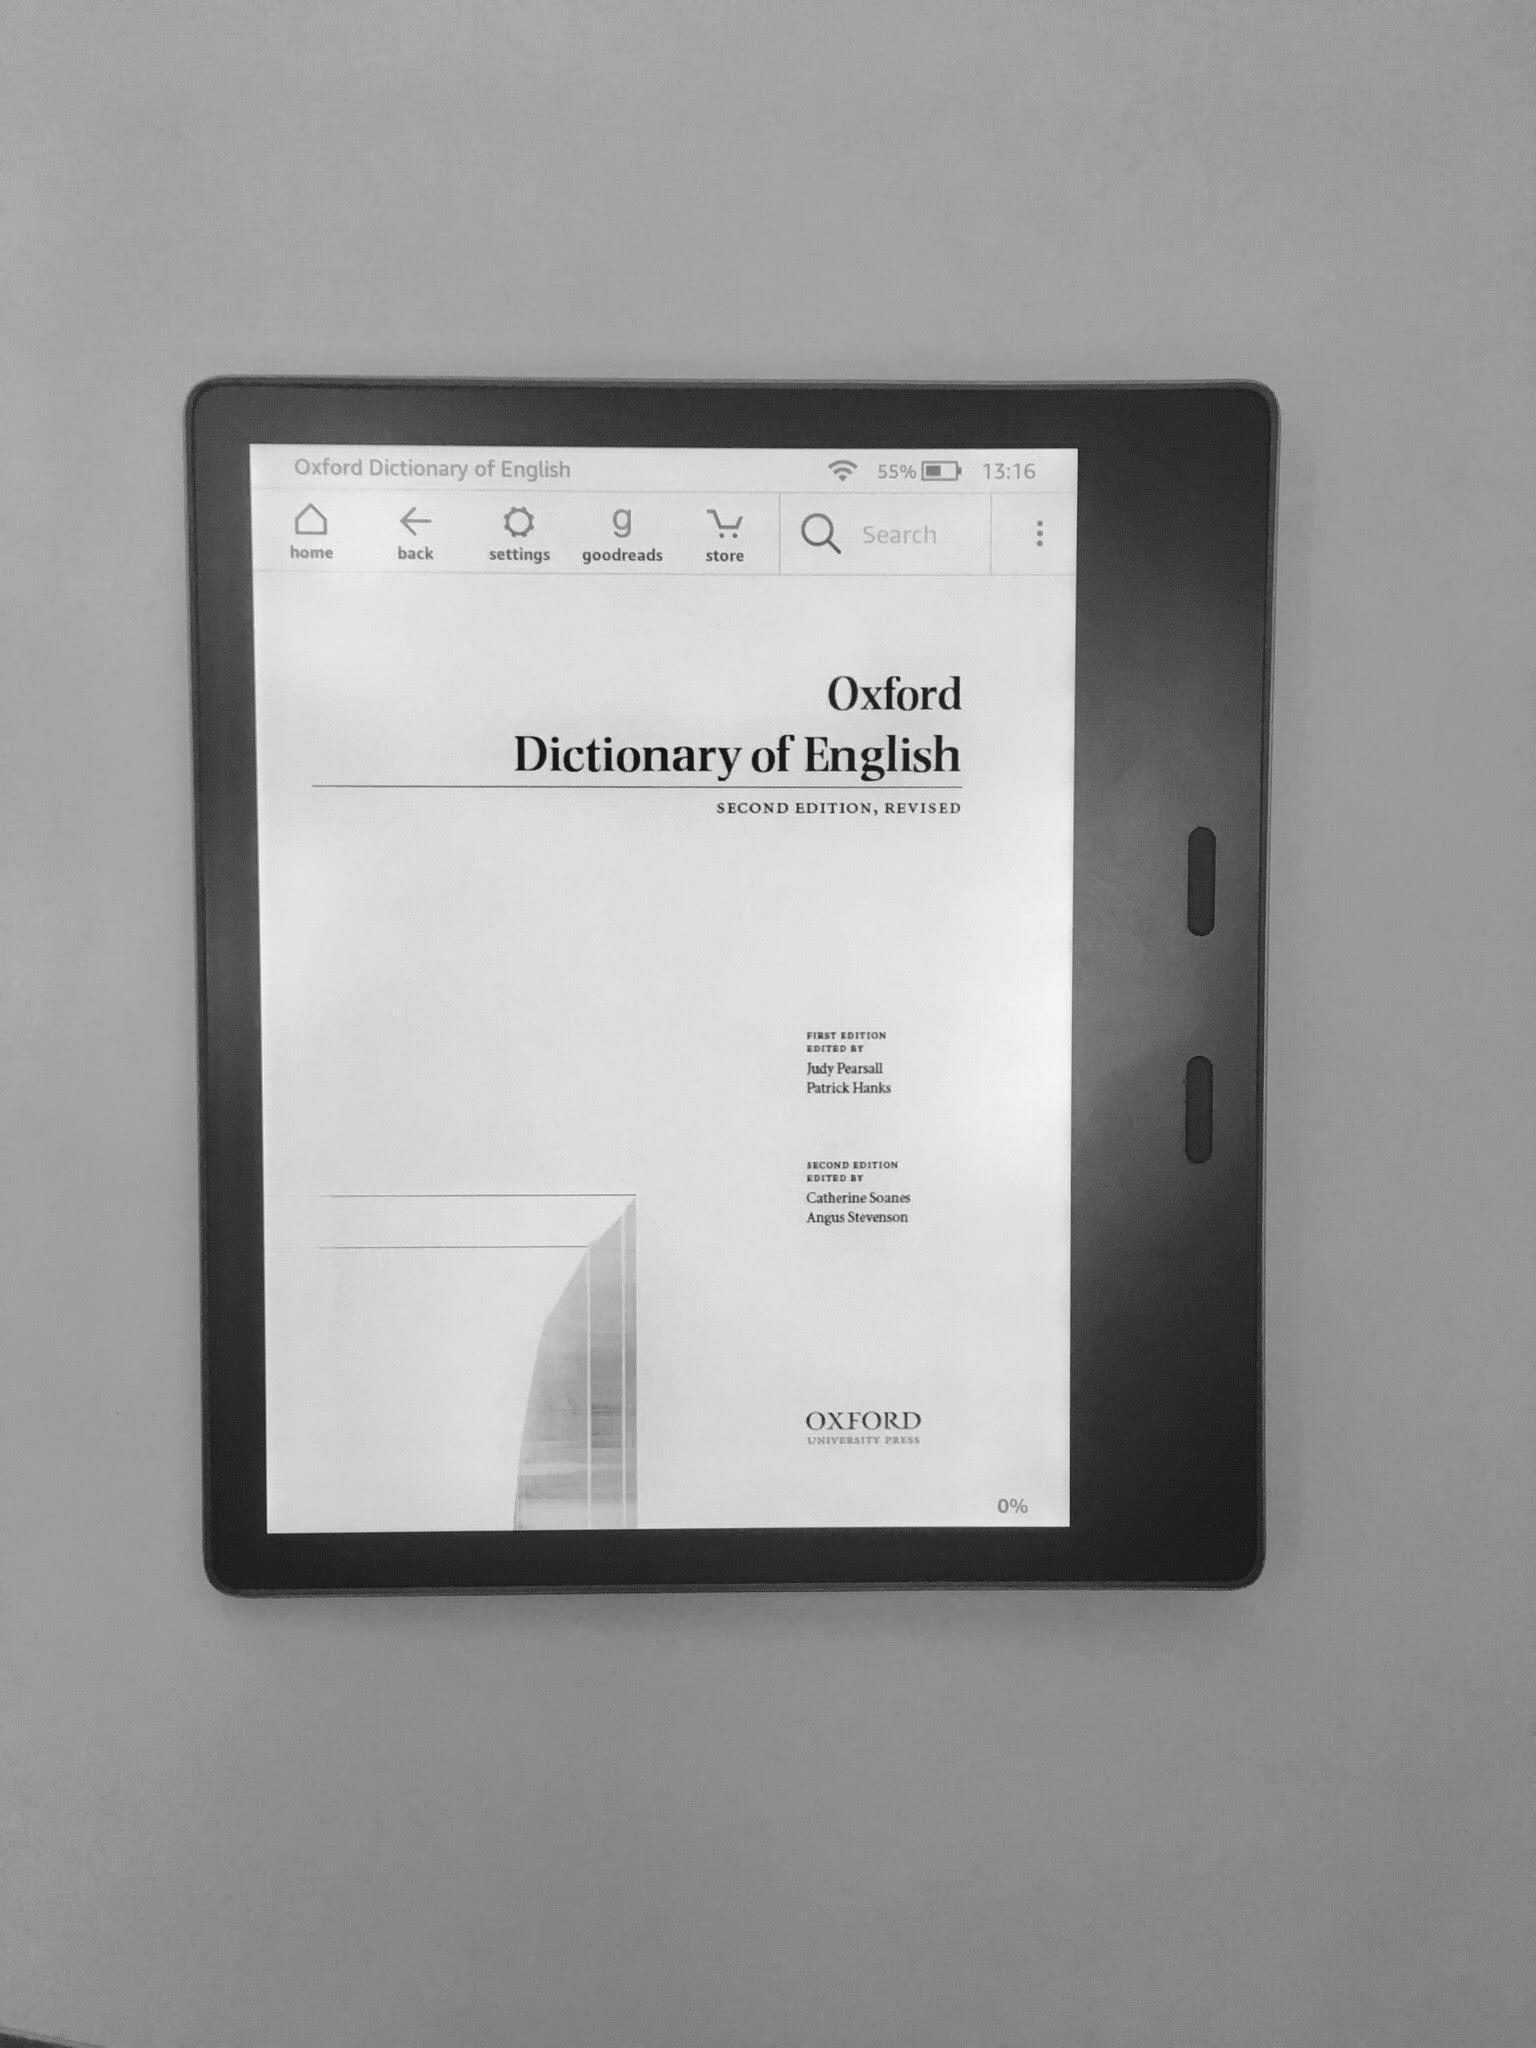 Pękniety ekran e-ink w czytniku.